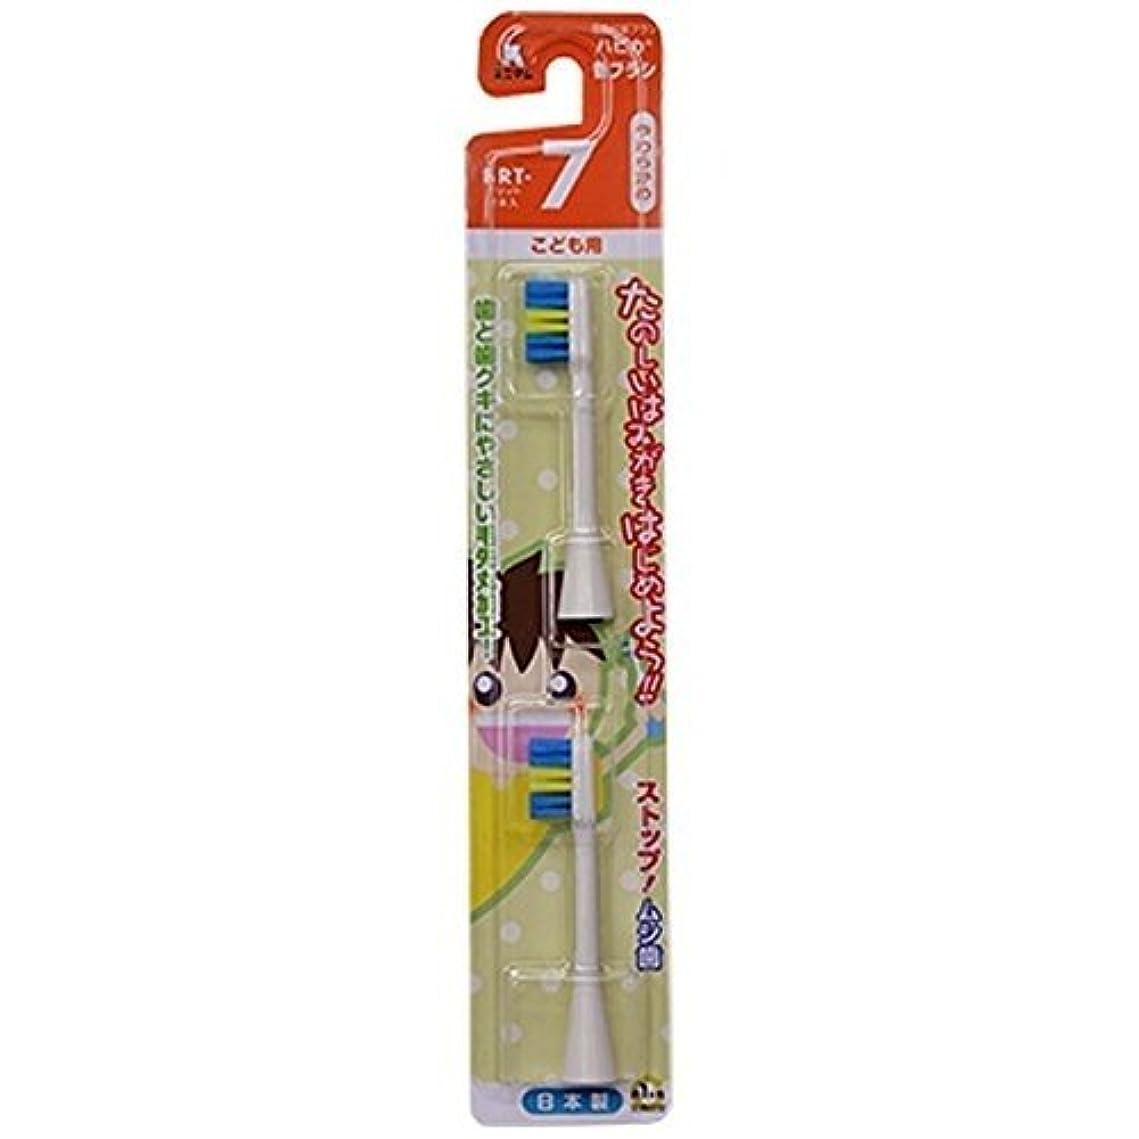 ある変位トリプルミニマム 電動付歯ブラシ ハピカ 専用替ブラシ こども用 毛の硬さ:やわらかめ BRT-7 2個入